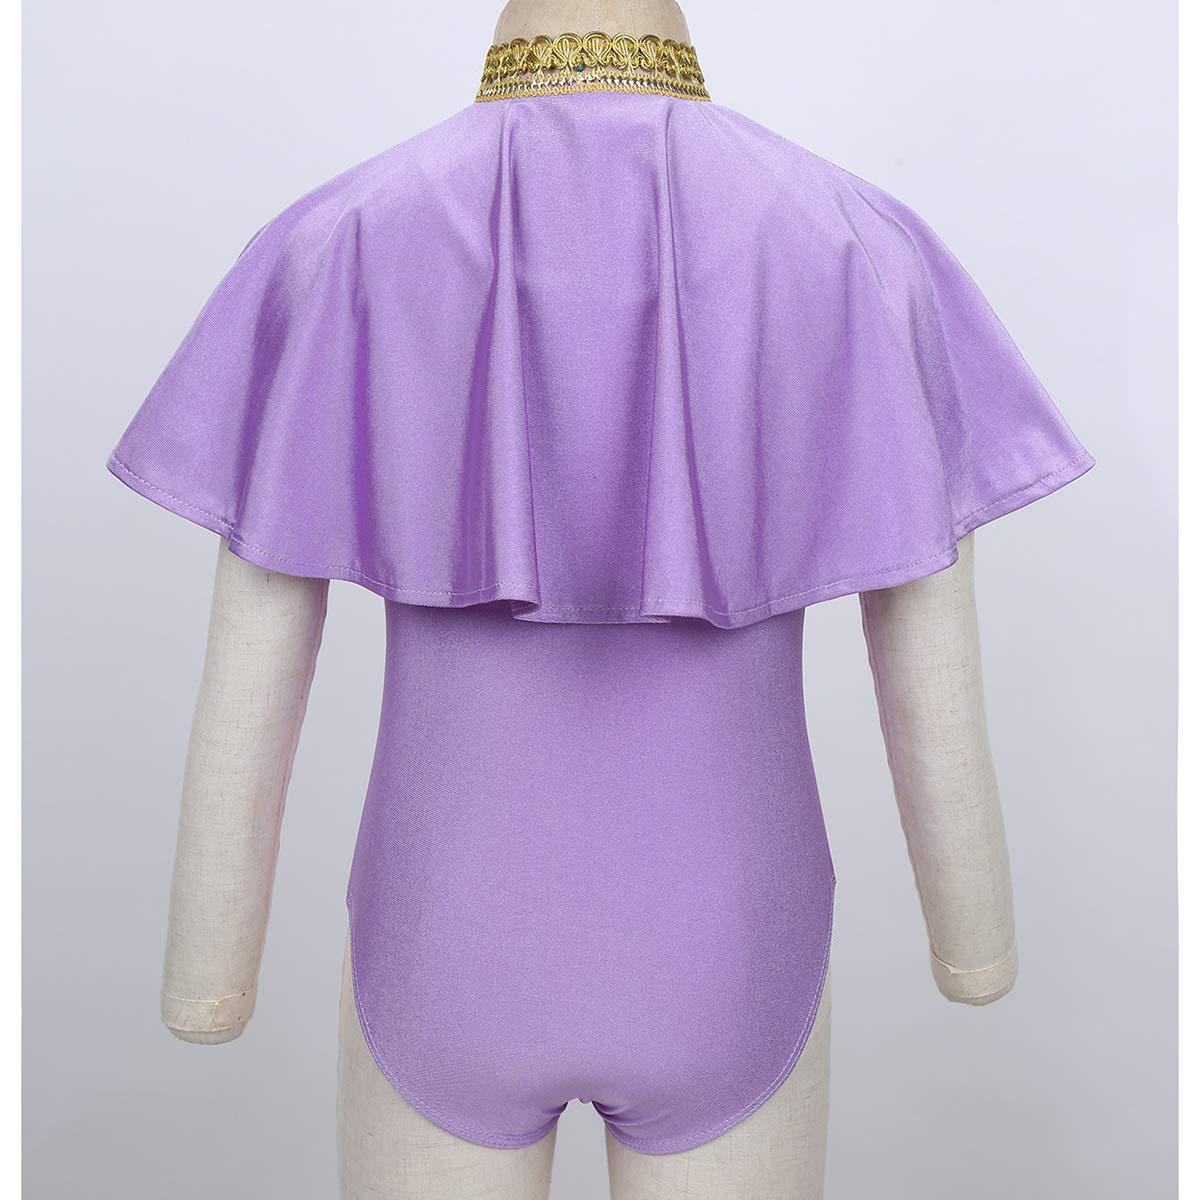 iixpin Body Danza Classica Bambina Leotard Balletto Dancewear Body Ginnastica Artistica per Bambina Senza Manica con Coprispalle Corto Elegante Anne-Wheeler Costume